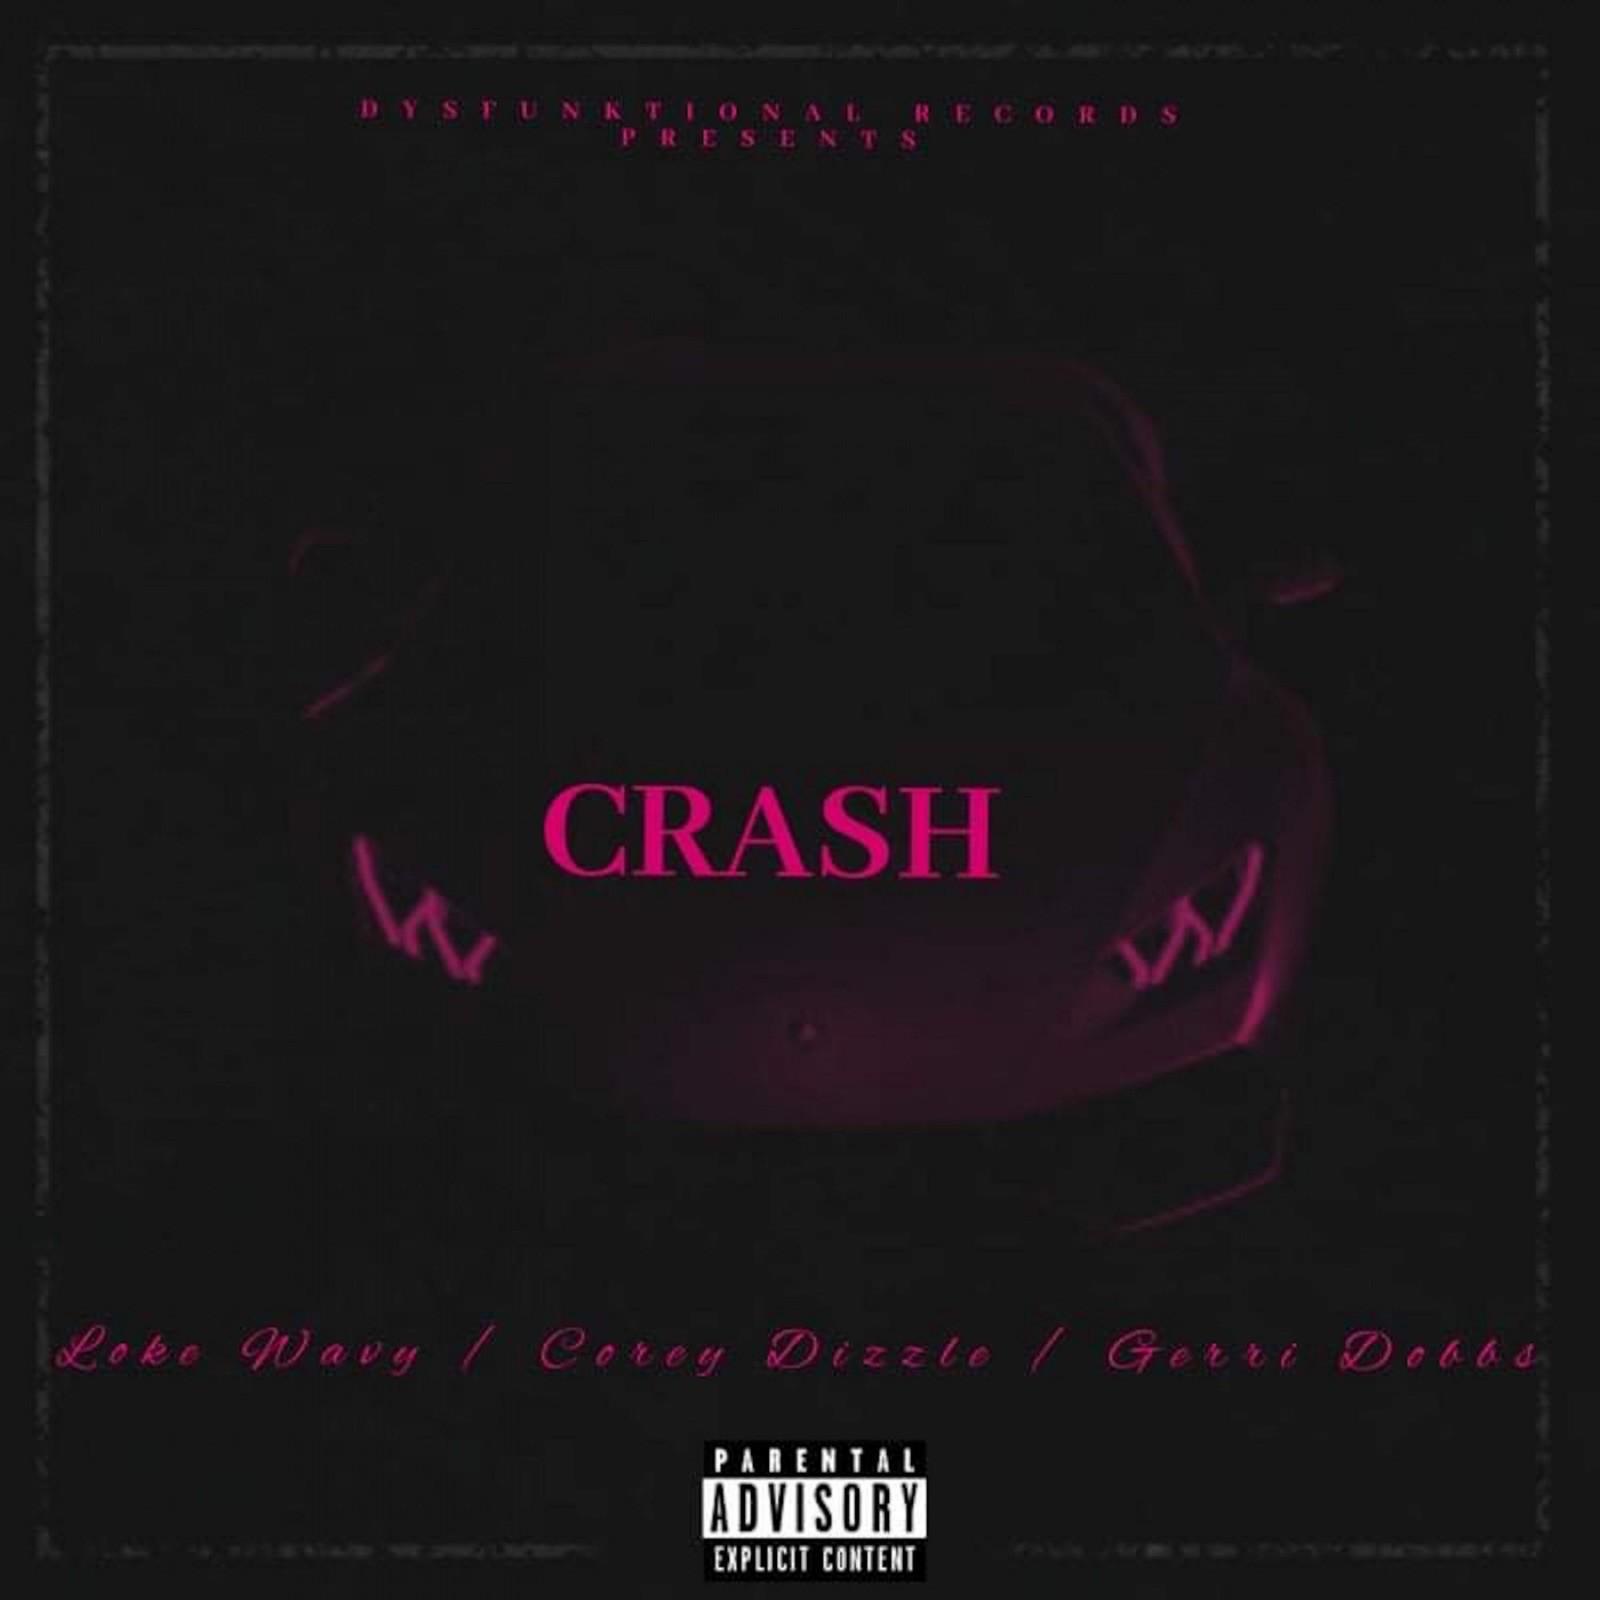 Crash (feat. Corey Dizzle, Loke Wavy, & Gerri Dobbs)